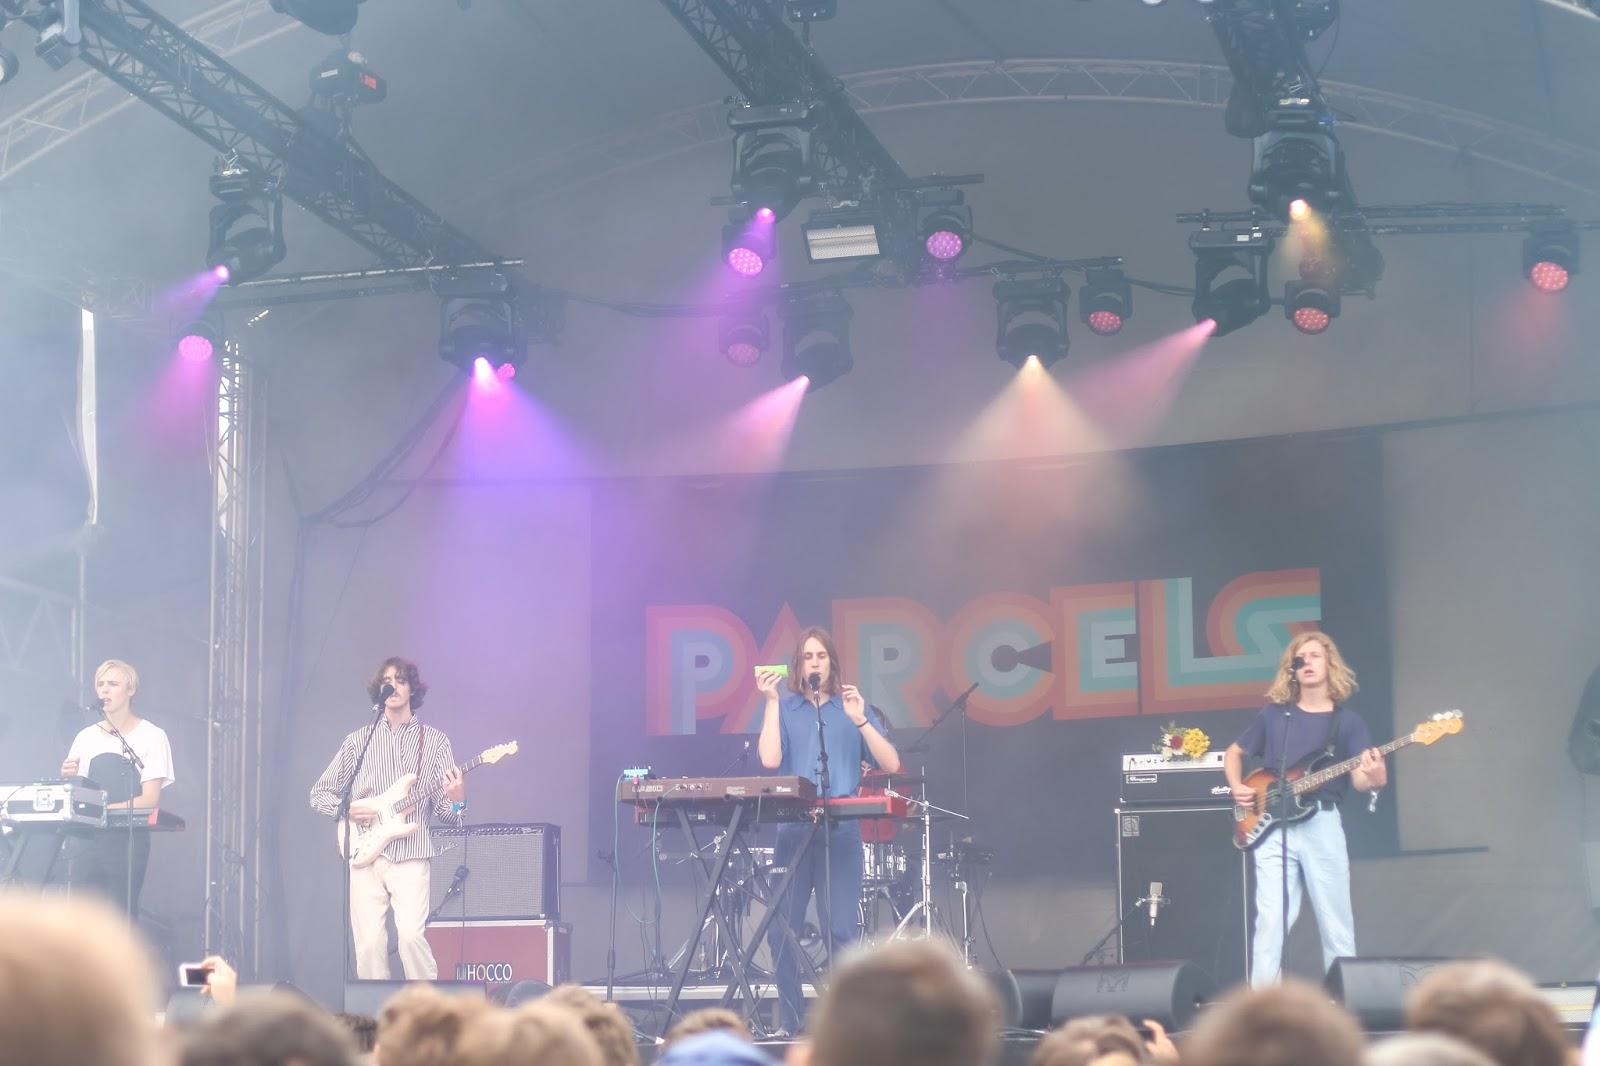 live parcels festival cabourg mon amour